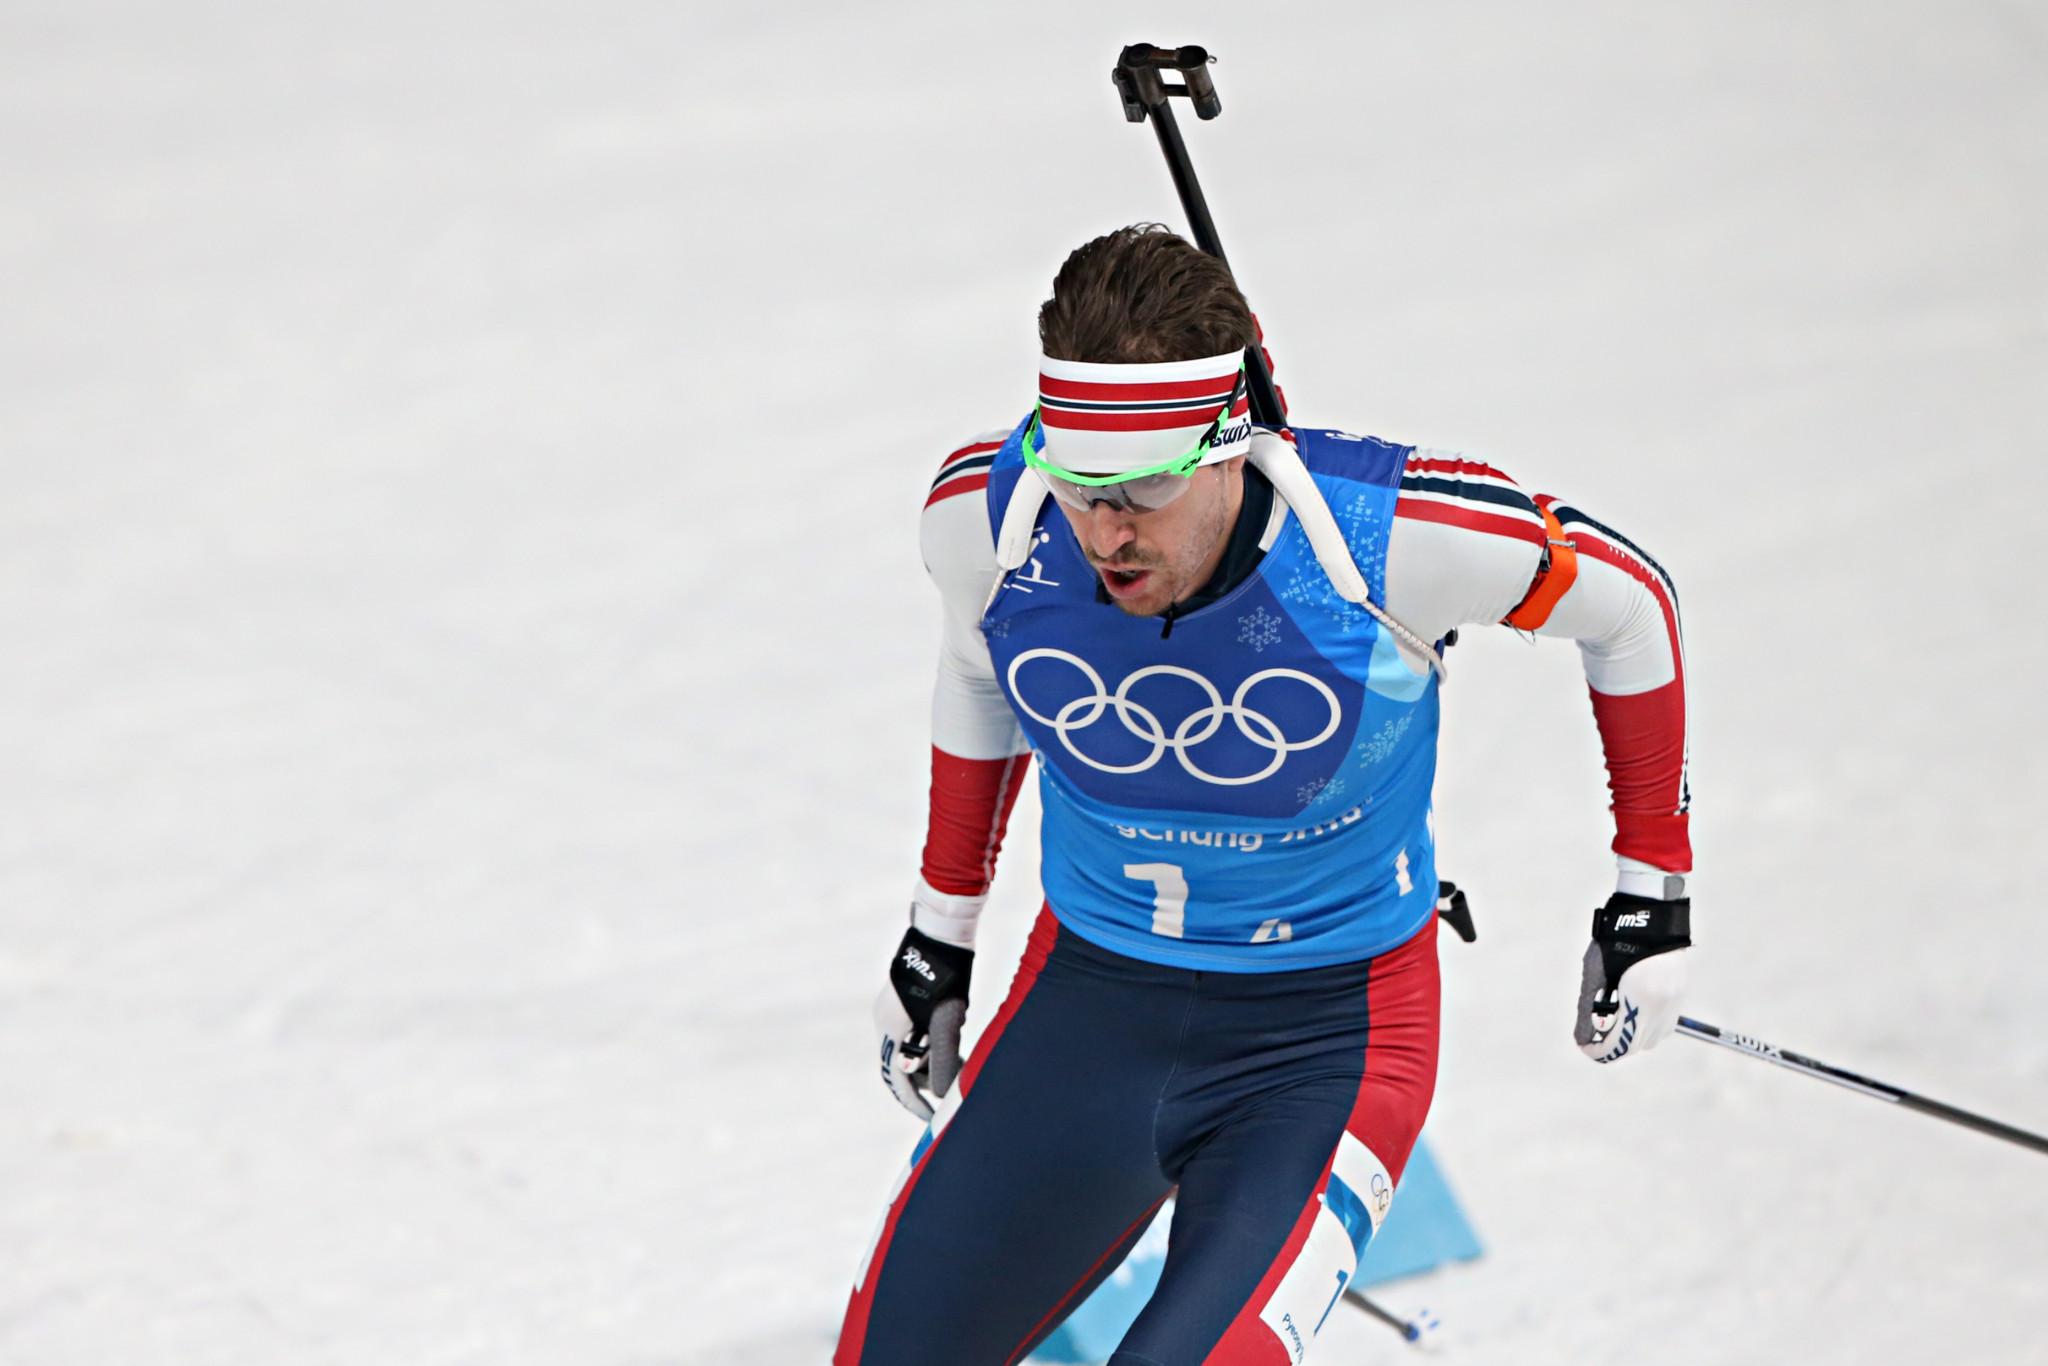 Emile Hegle Svendsen has retired from biathlon ©Getty Images